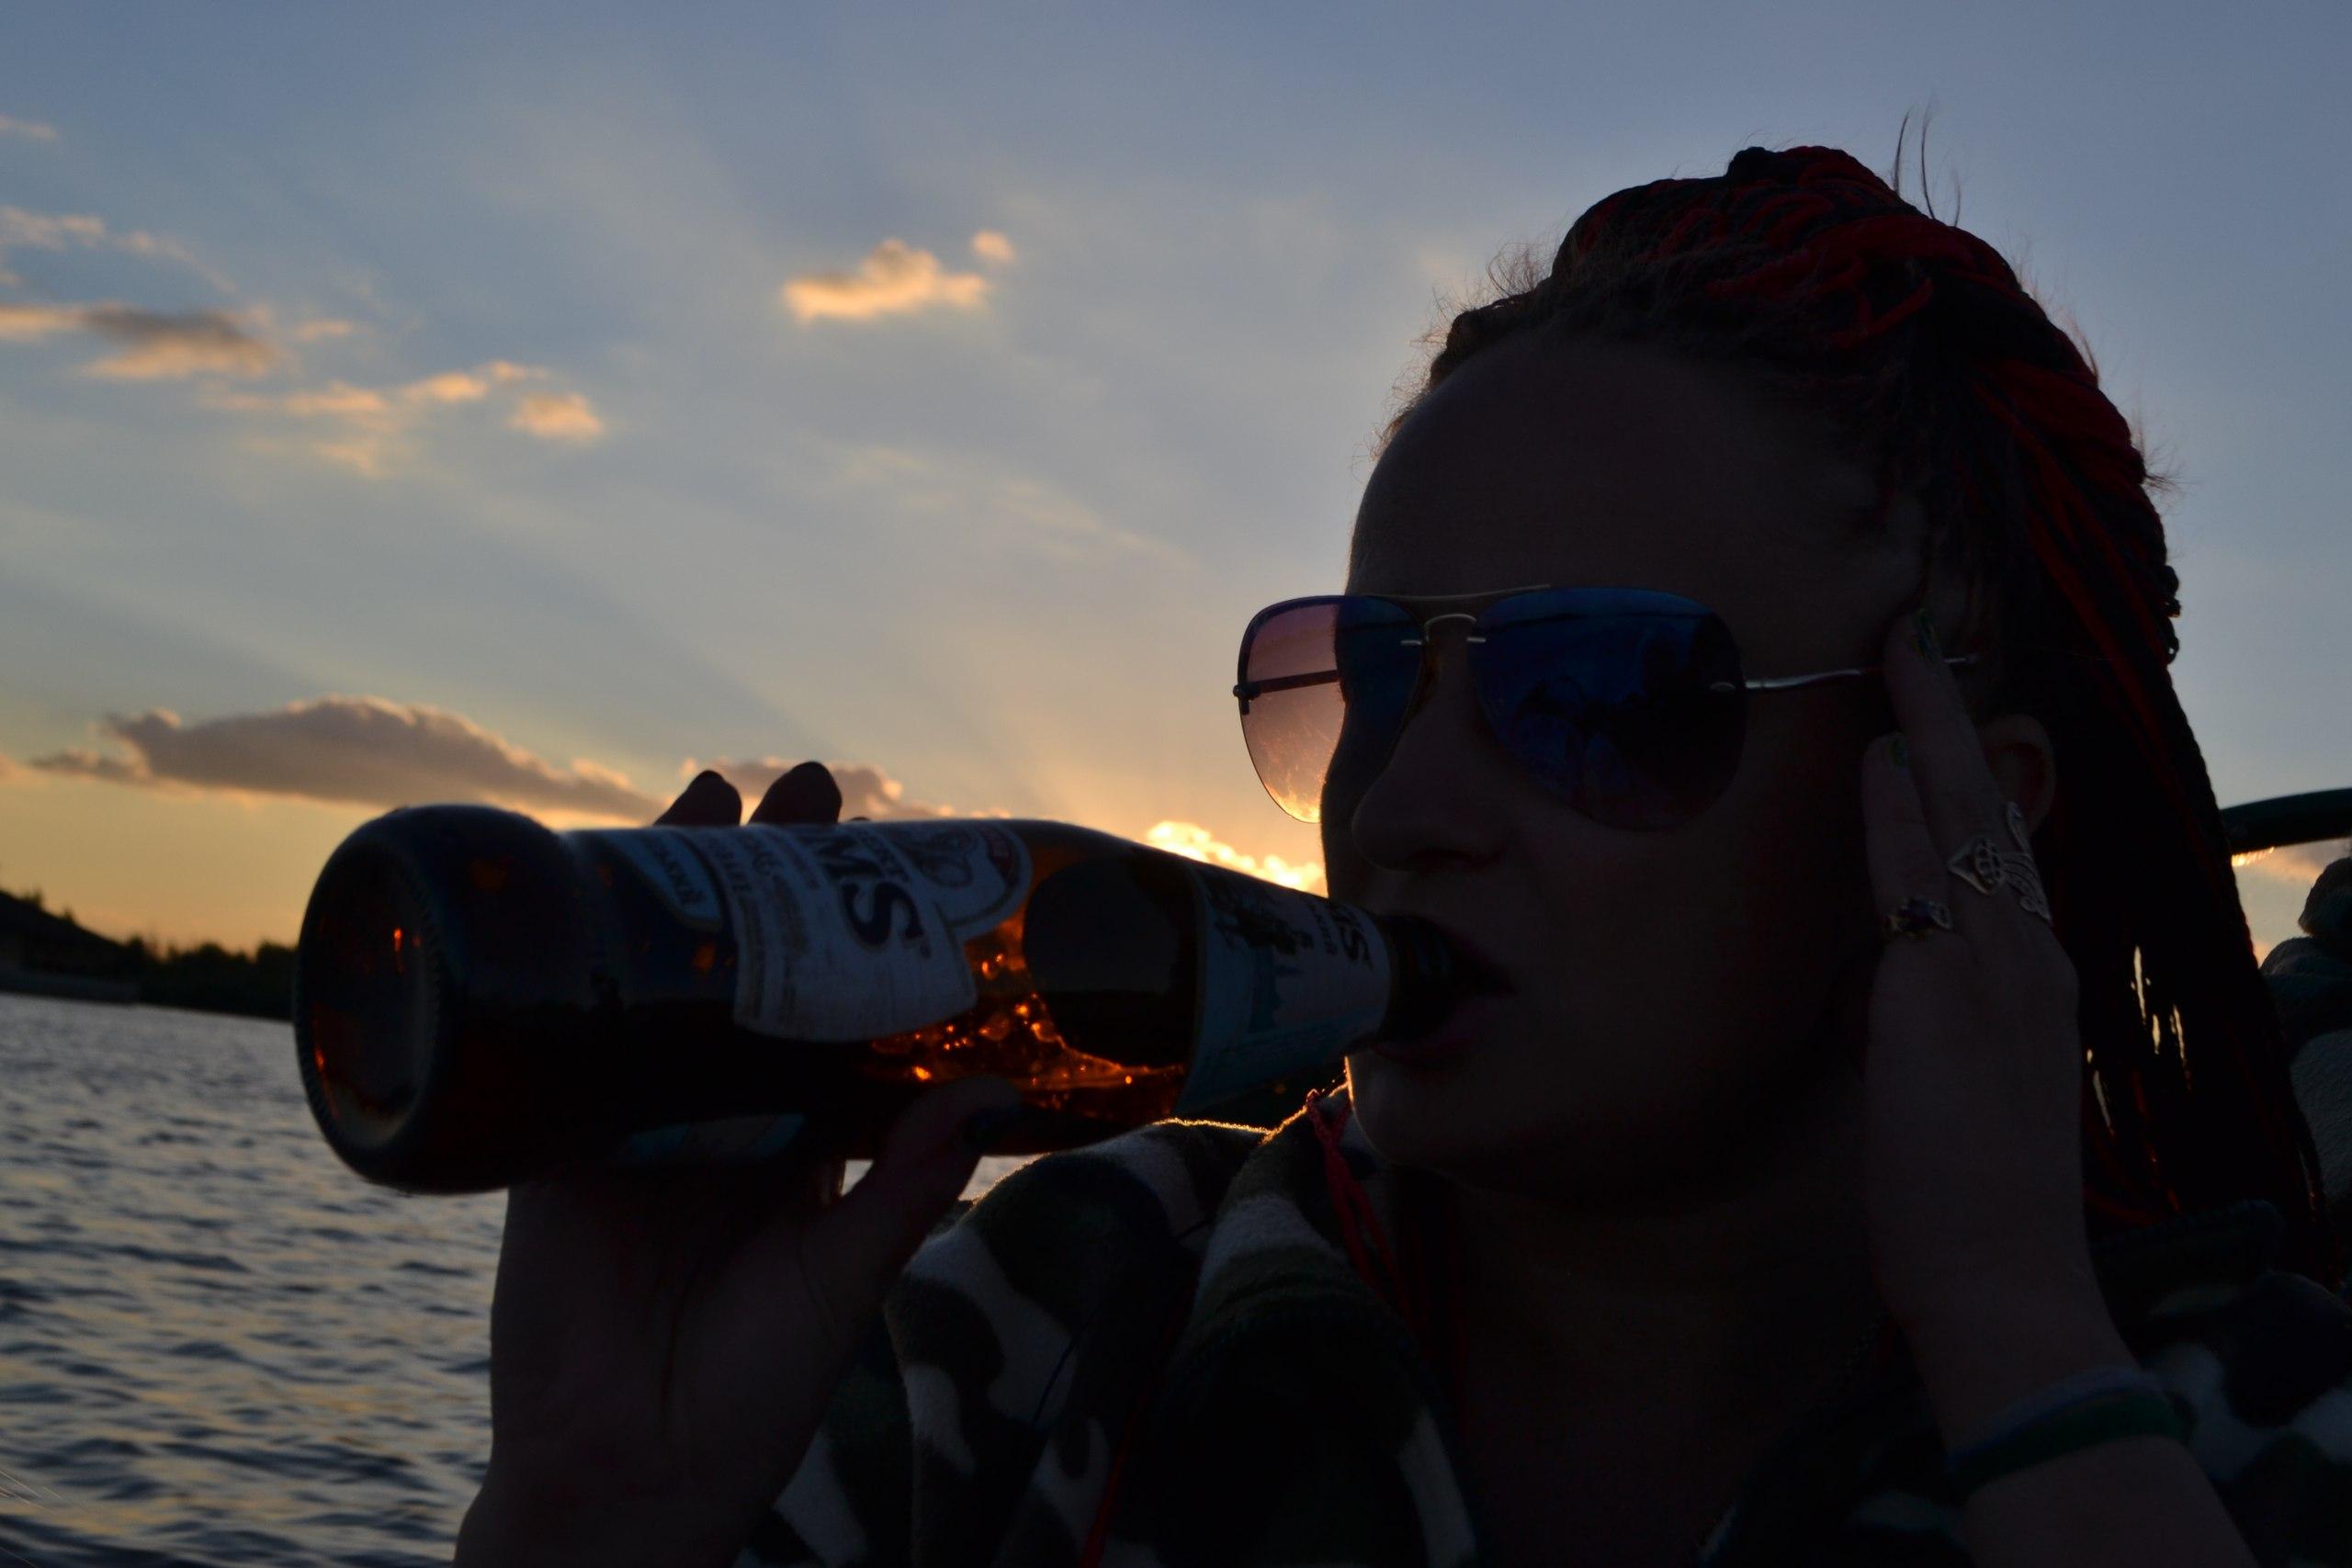 Елена Руденко Охота на водоплавающую дичь ( Украинка. 24-25 августа. 2016 г.) - Страница 3 X4gHAfBMdtk